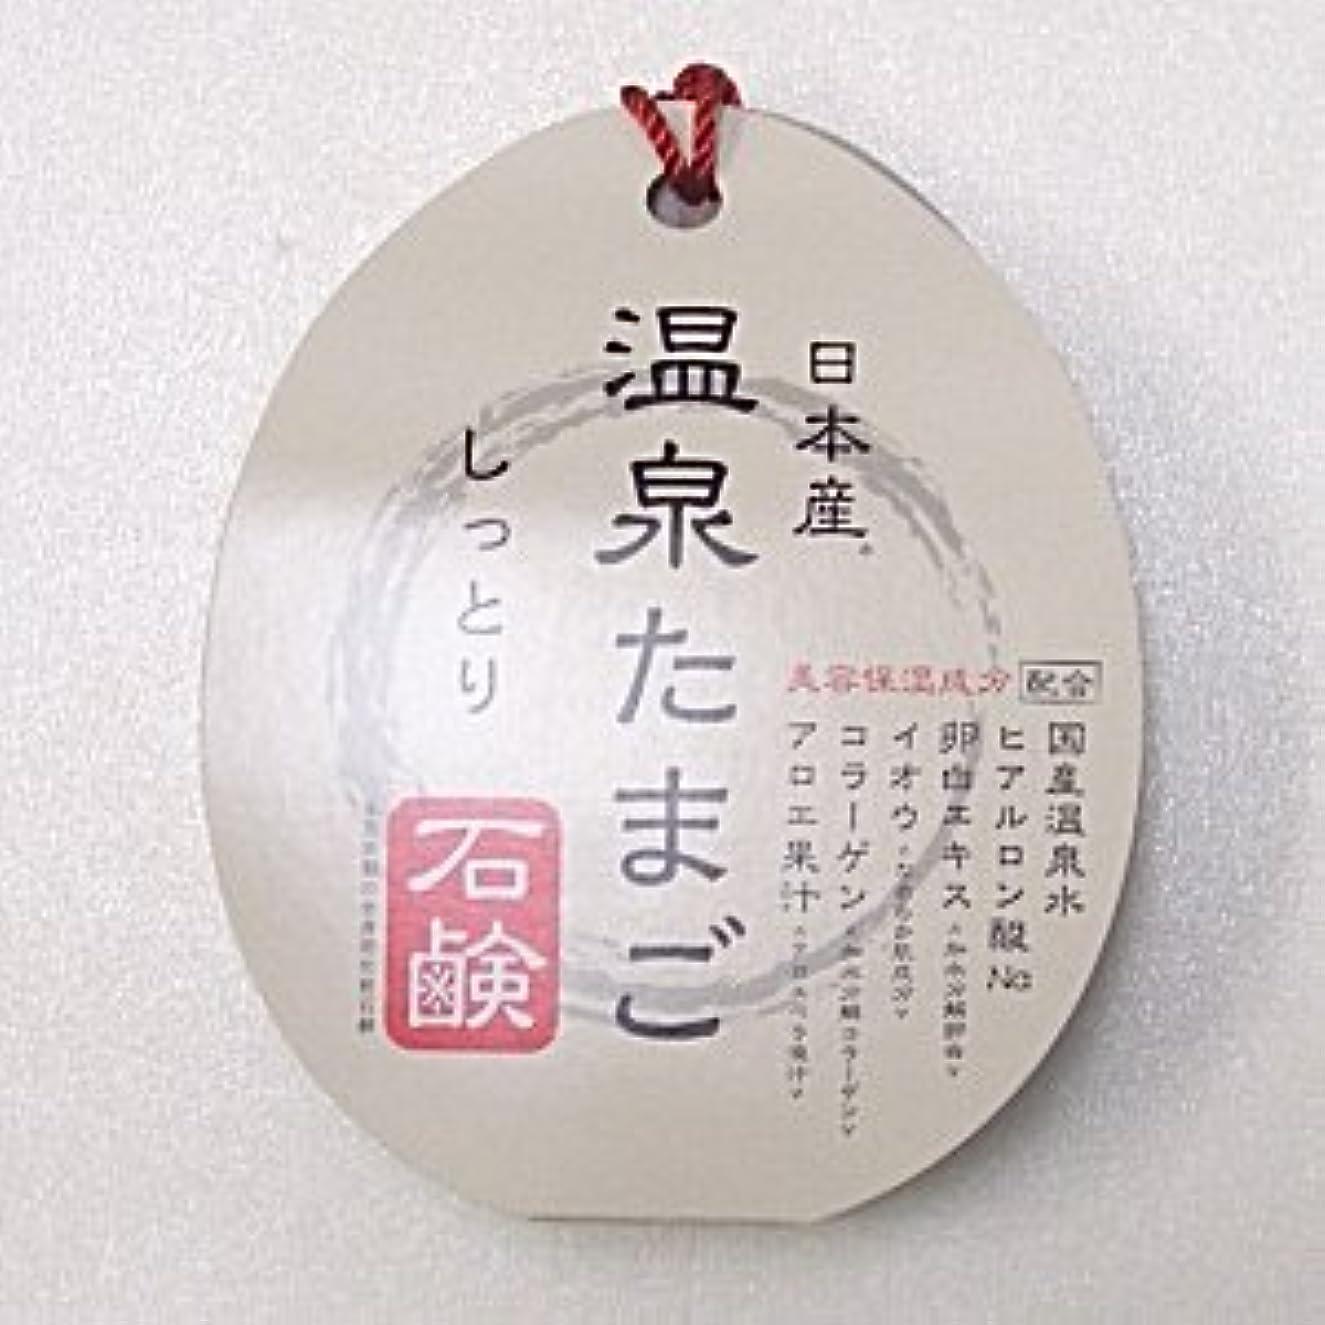 拍車ビーチ上回る日本産 温泉たまご石鹸 しっとりタイプ 75g